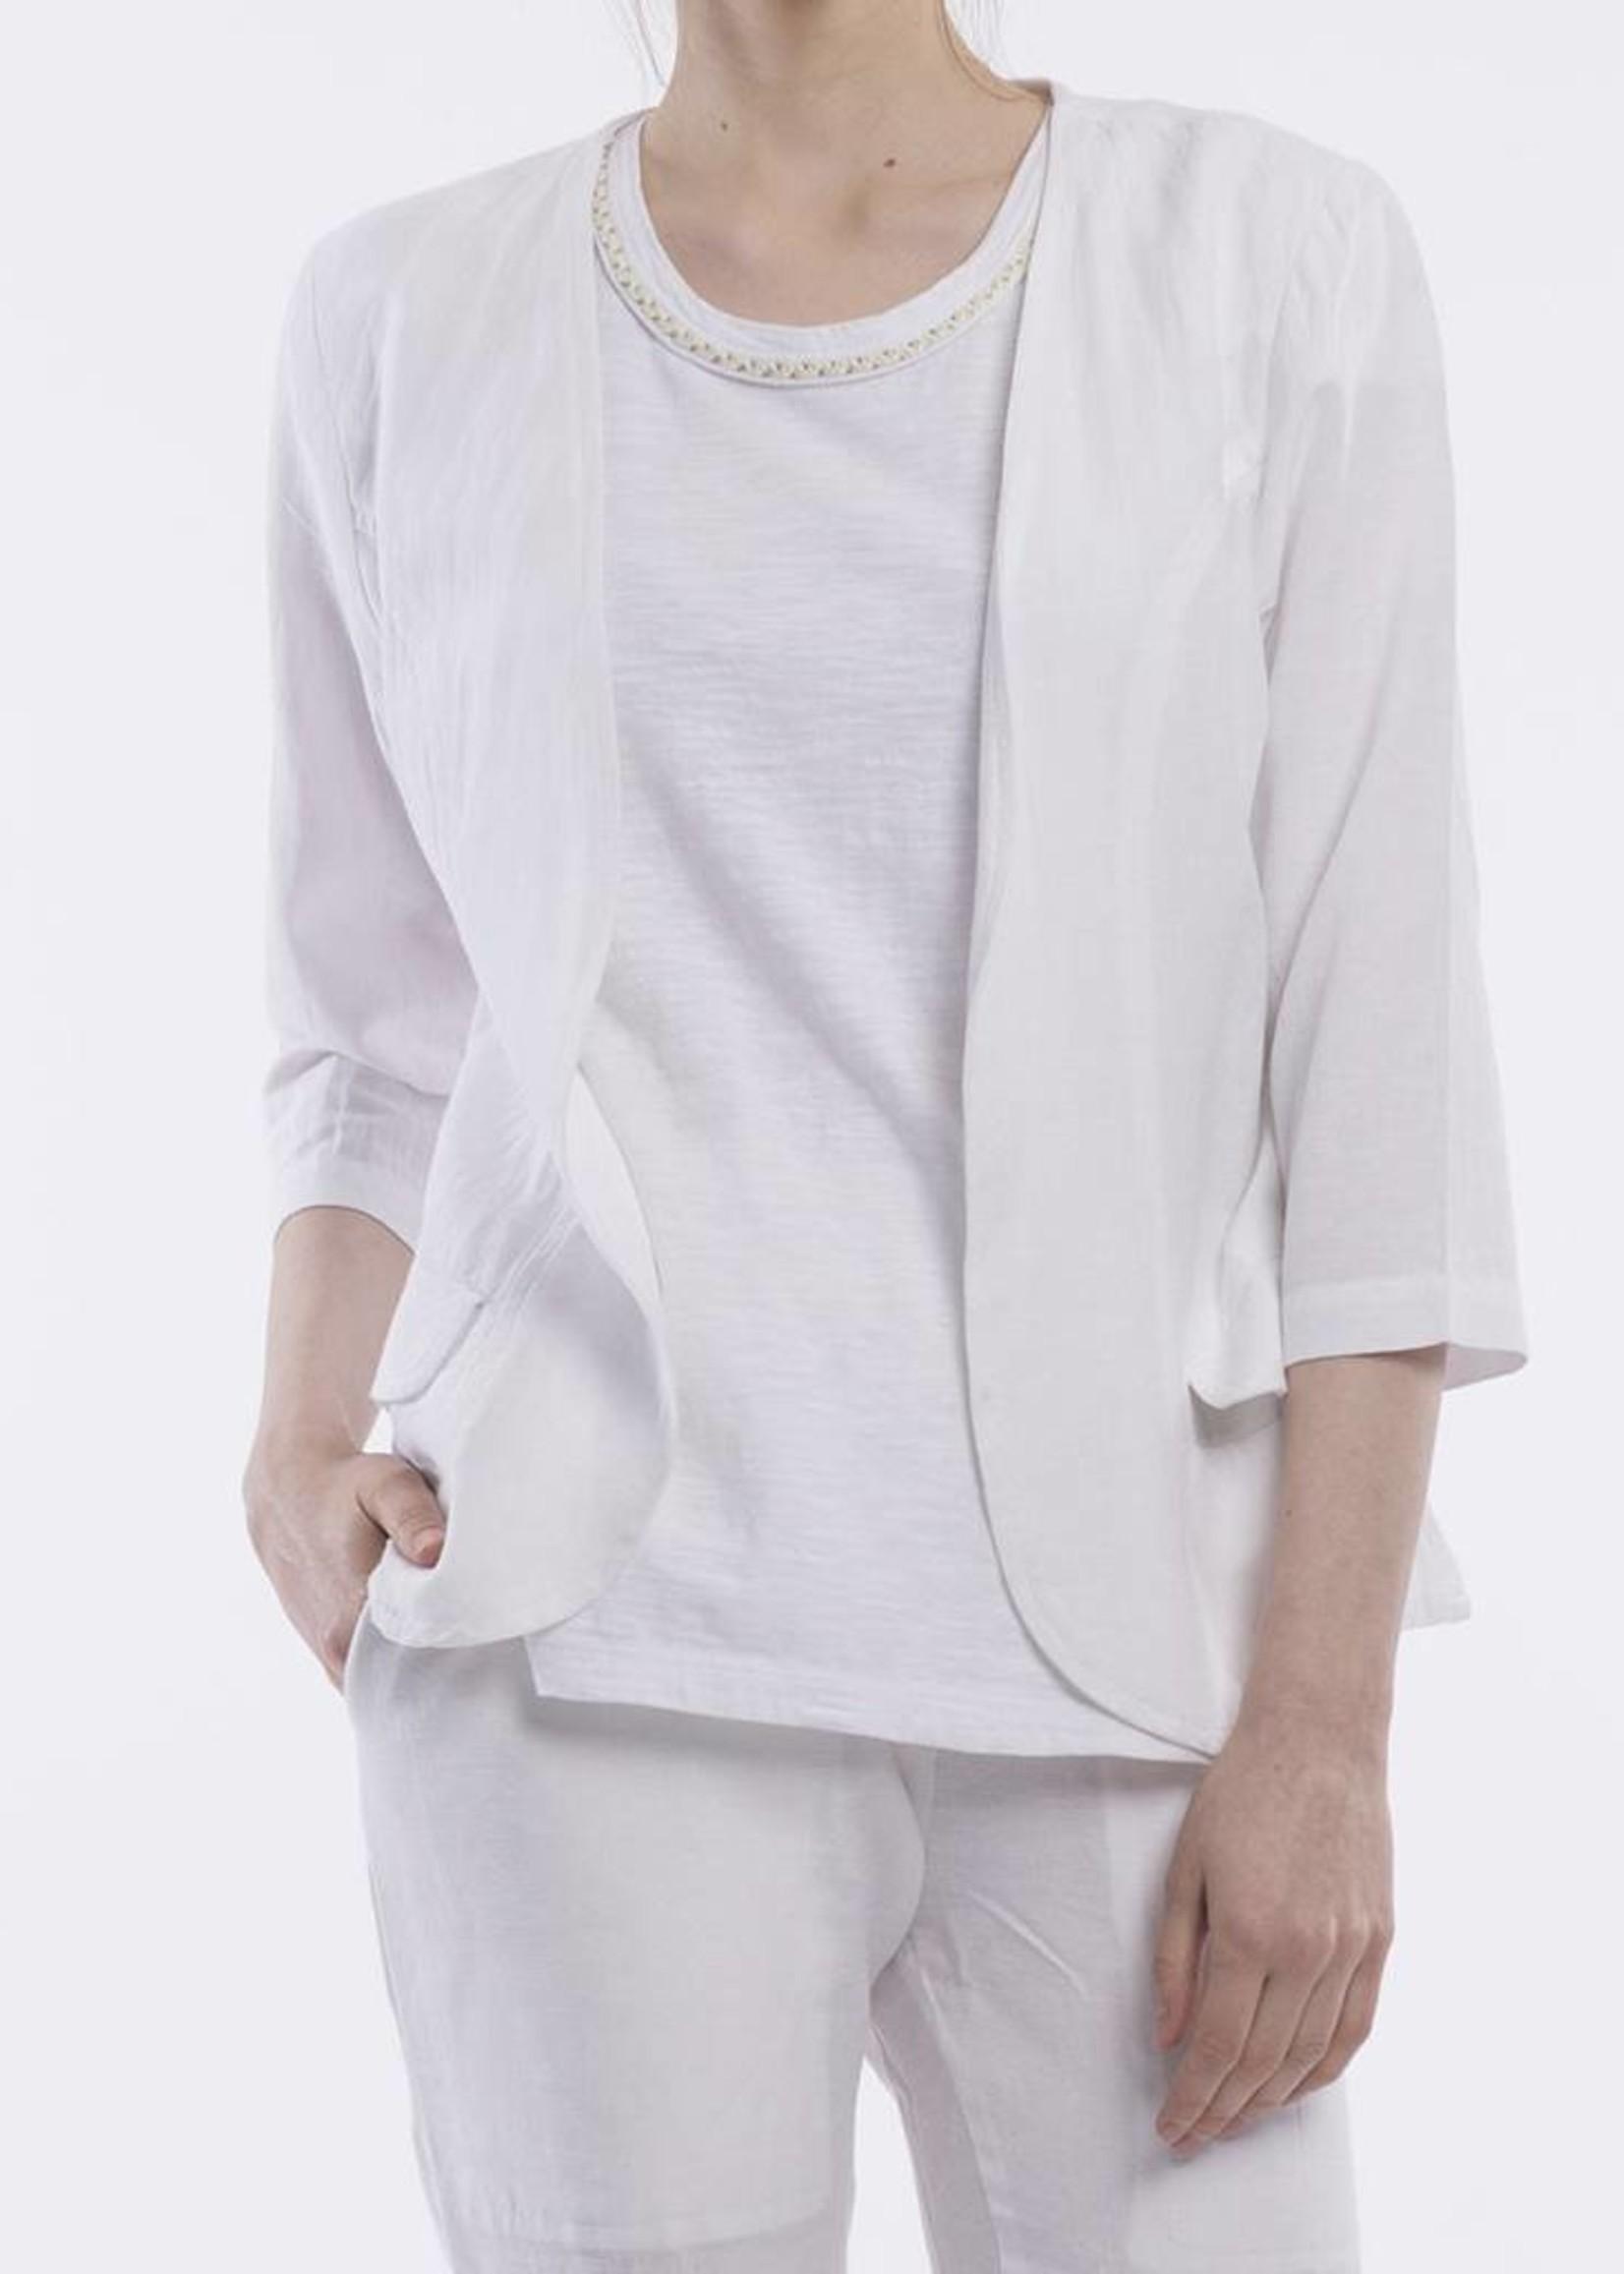 Orientique Linen Jacket in White